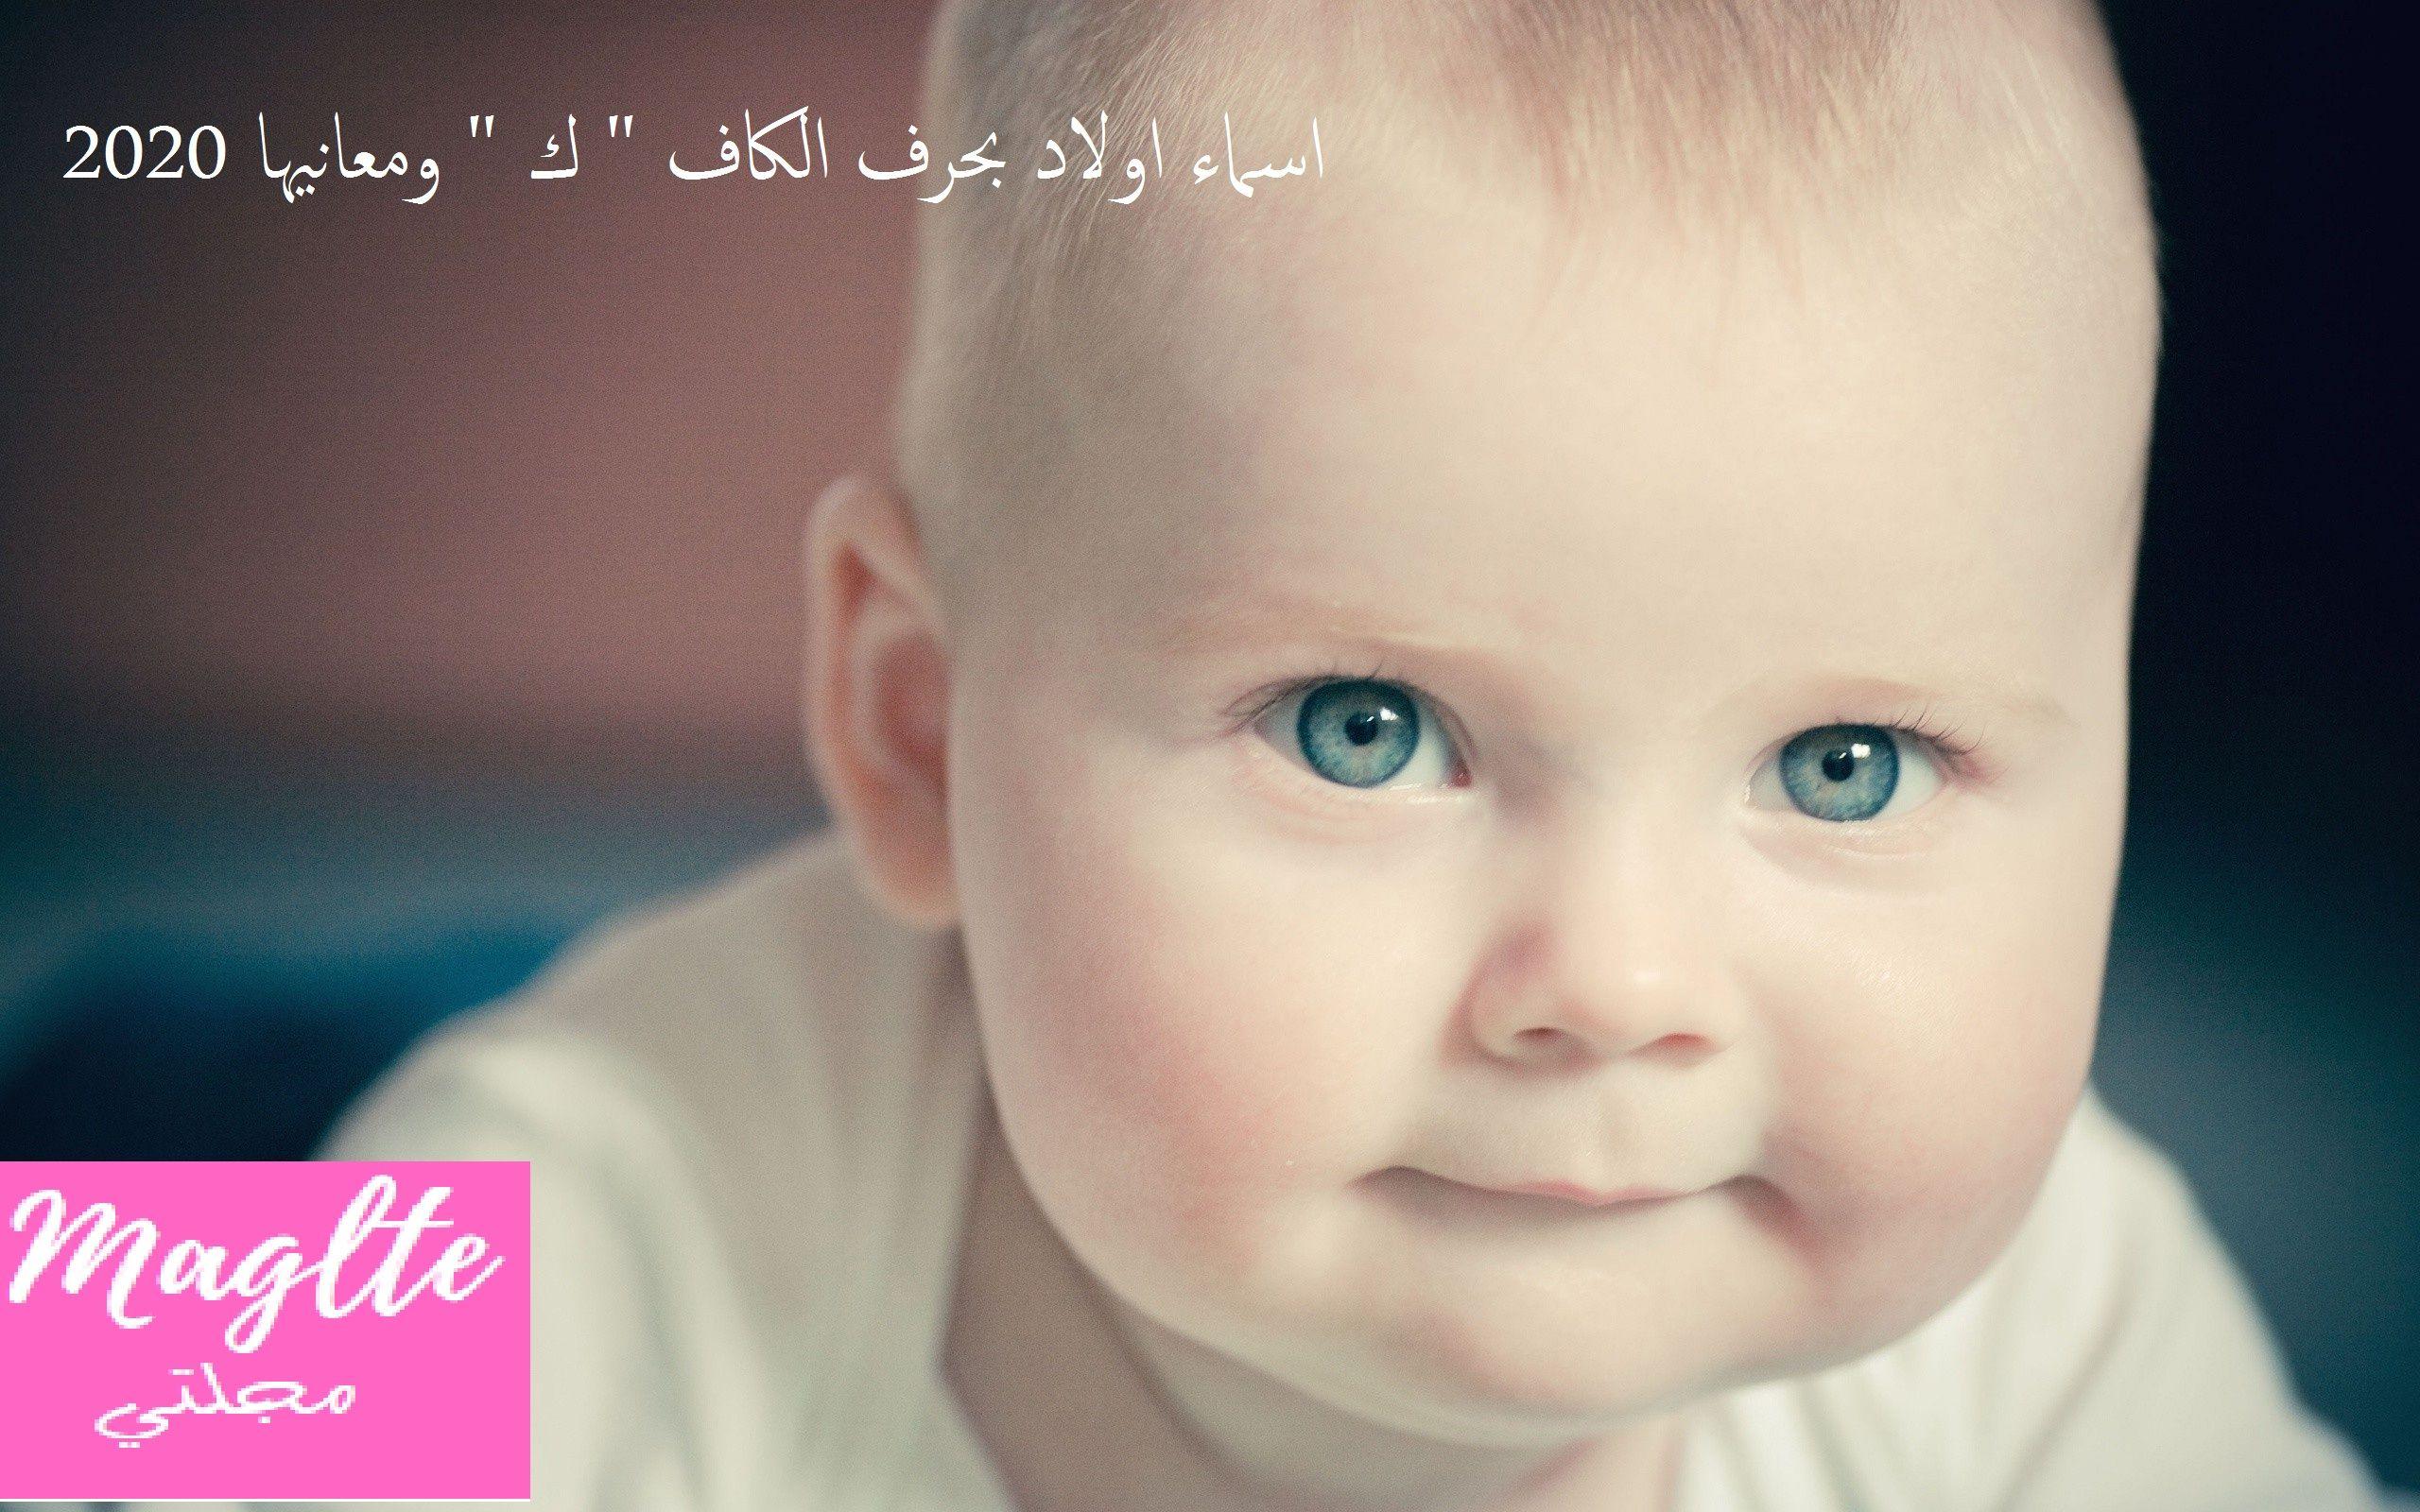 احلى اسماء اولاد بحرف الكاف ك ومعانيها 2020 Cute Baby Wallpaper Little Baby Picture Baby Wallpaper